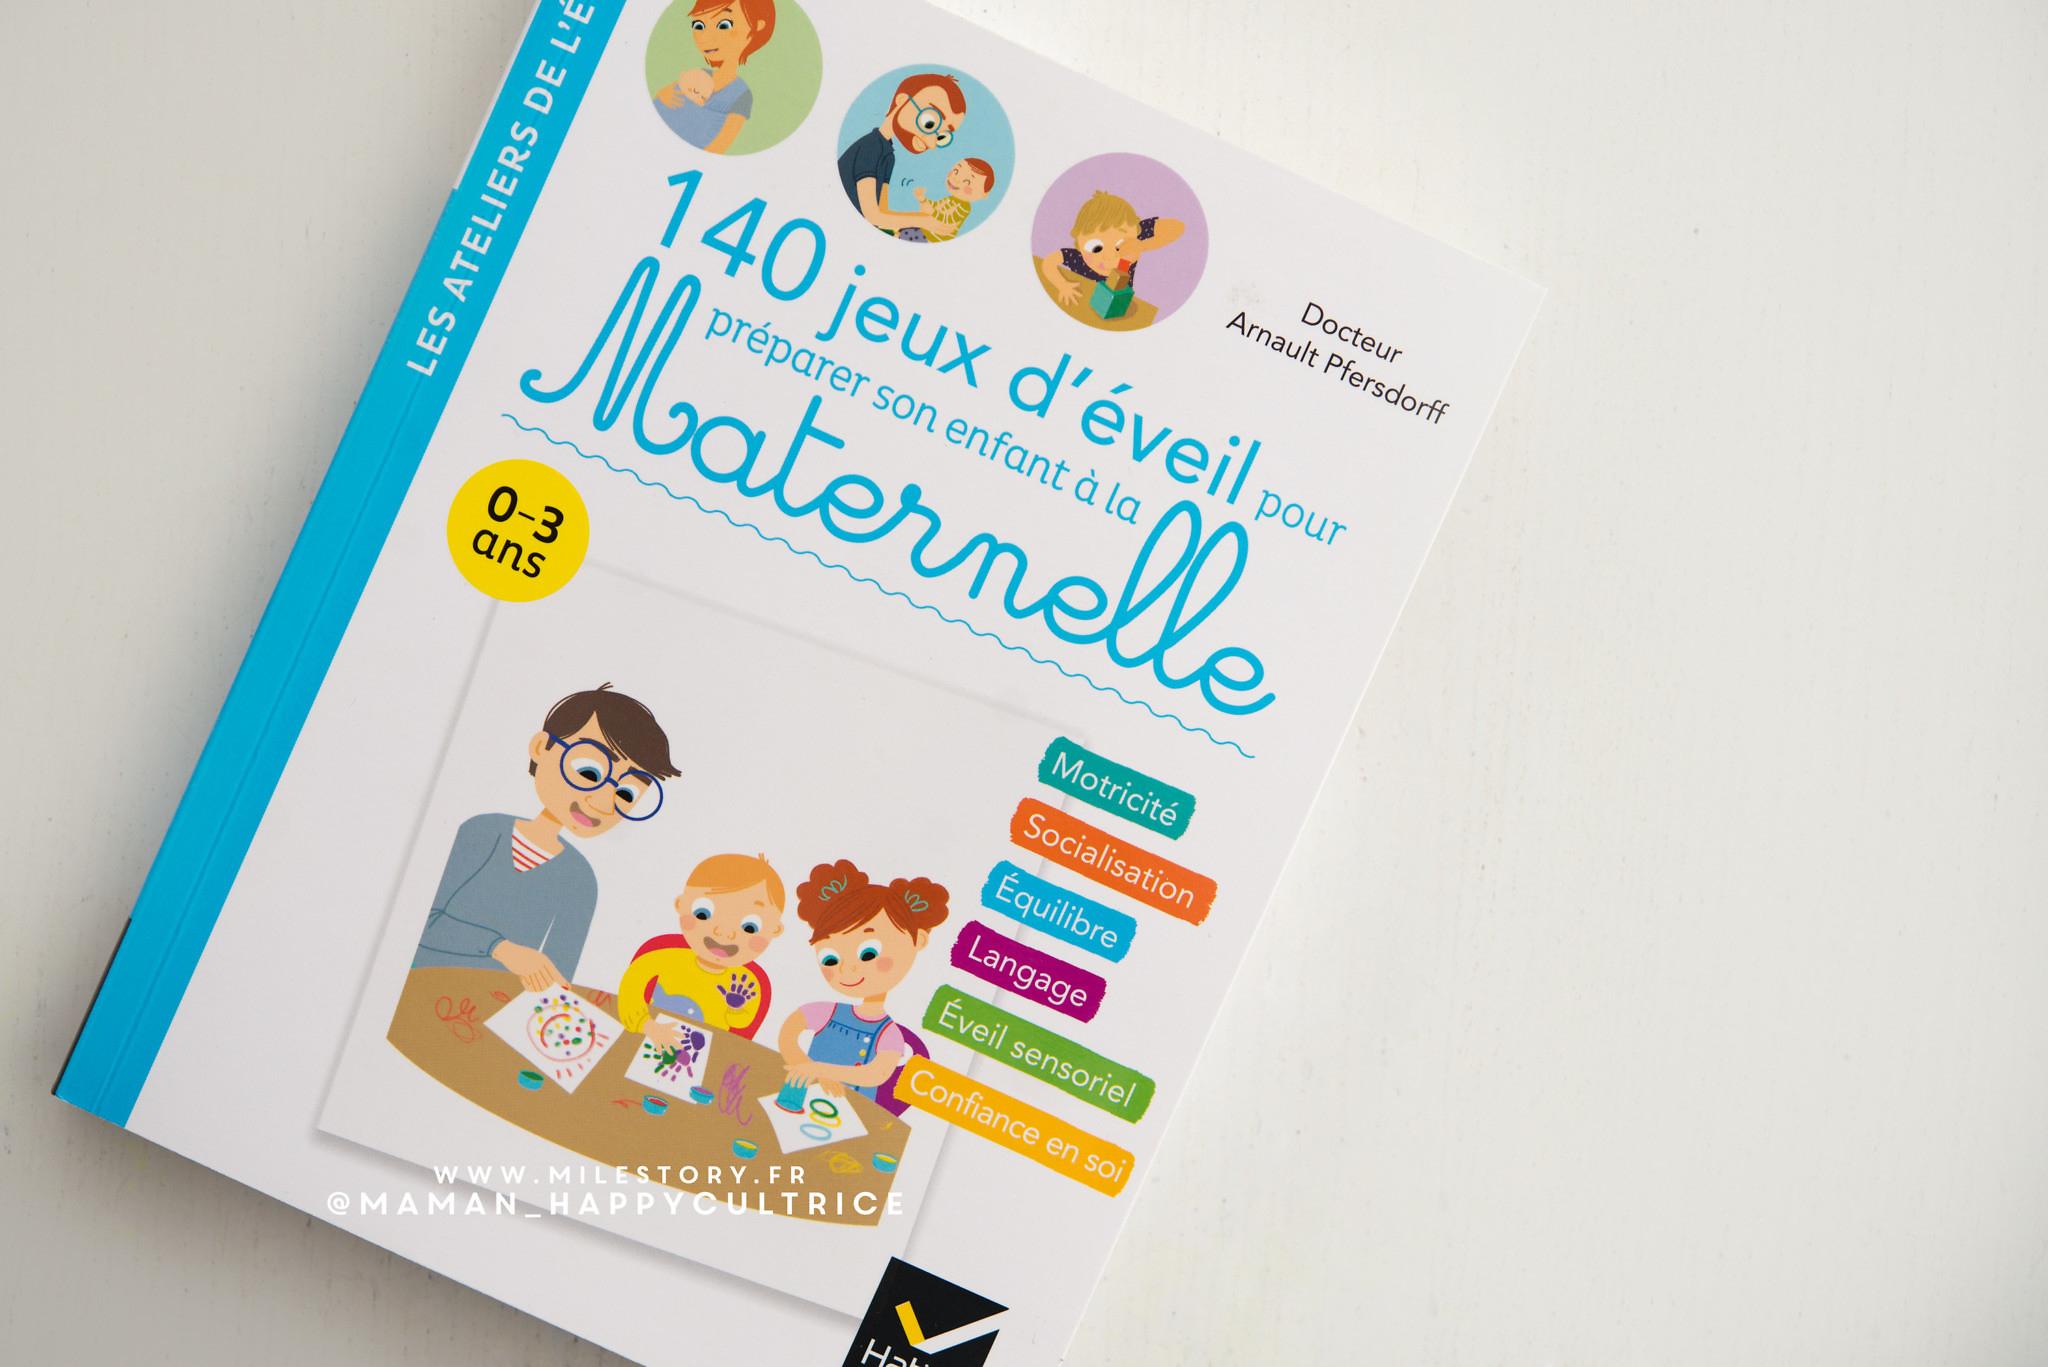 140 Jeux D'Éveil Pour Préparer Son Enfant À La Maternelle avec Jeux Enfant Maternelle